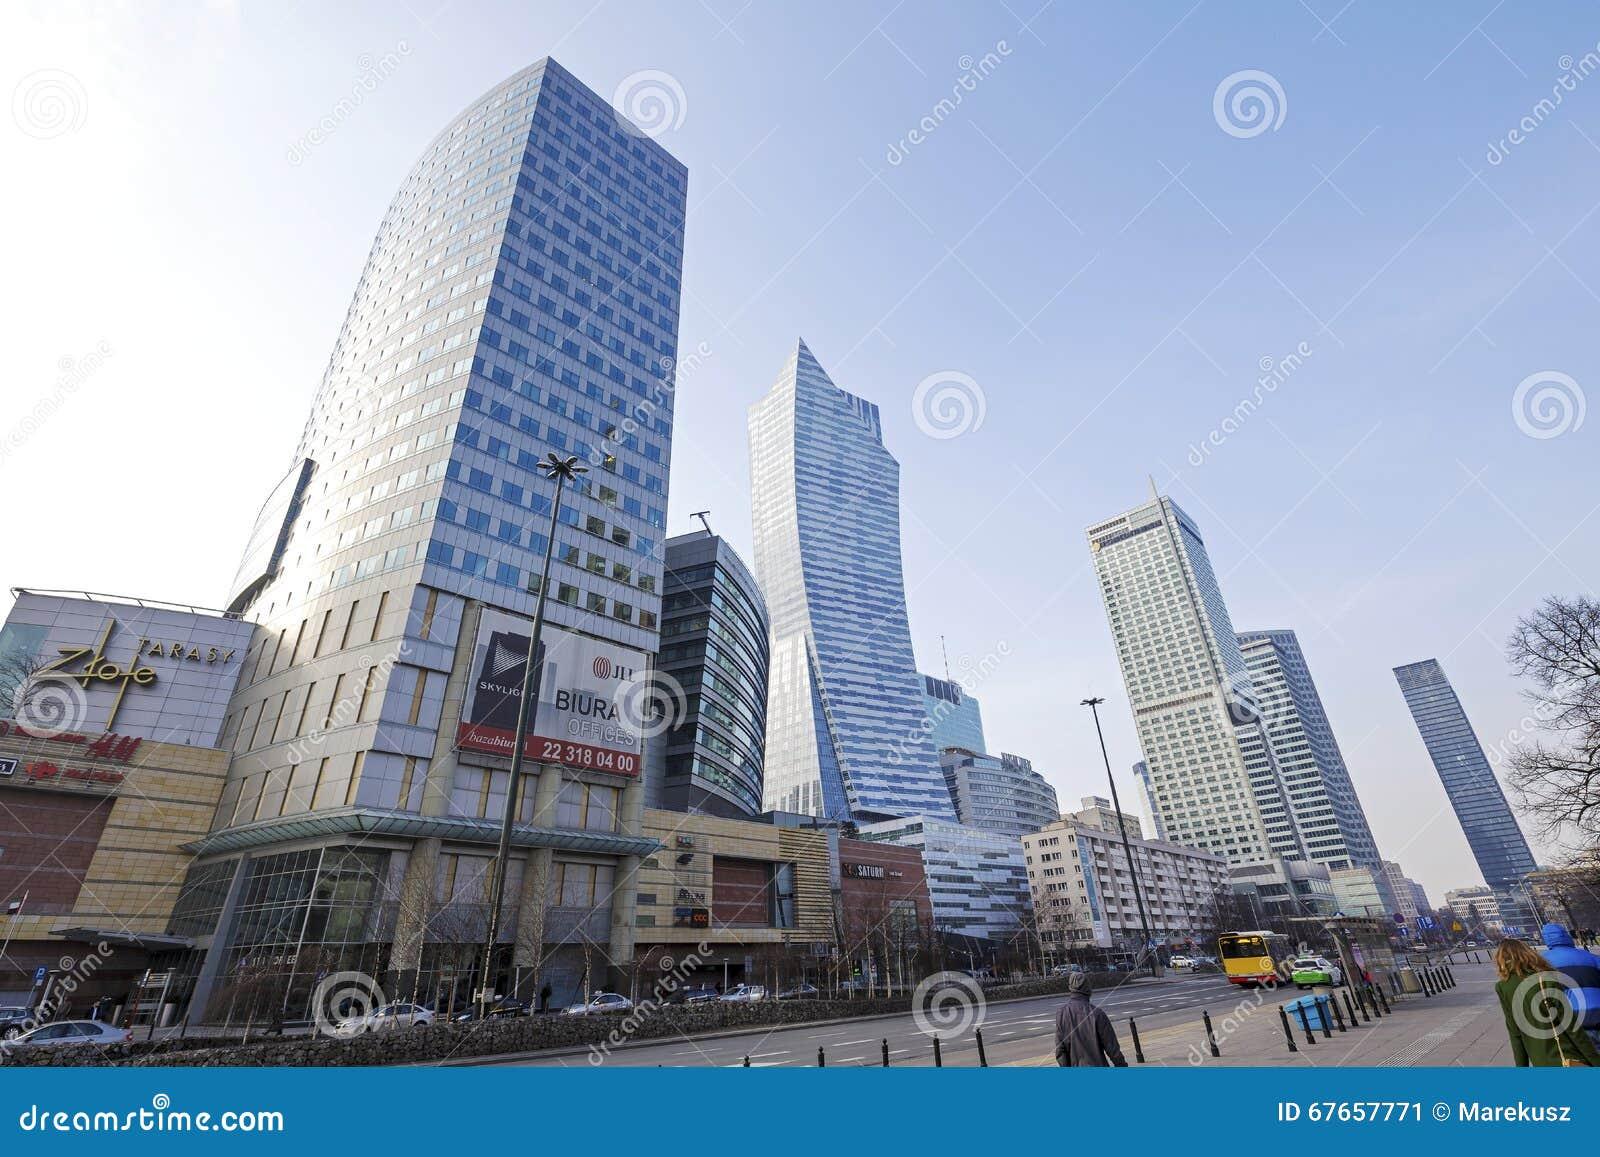 Moderne architektur in warschau redaktionelles foto bild for Moderne architektur